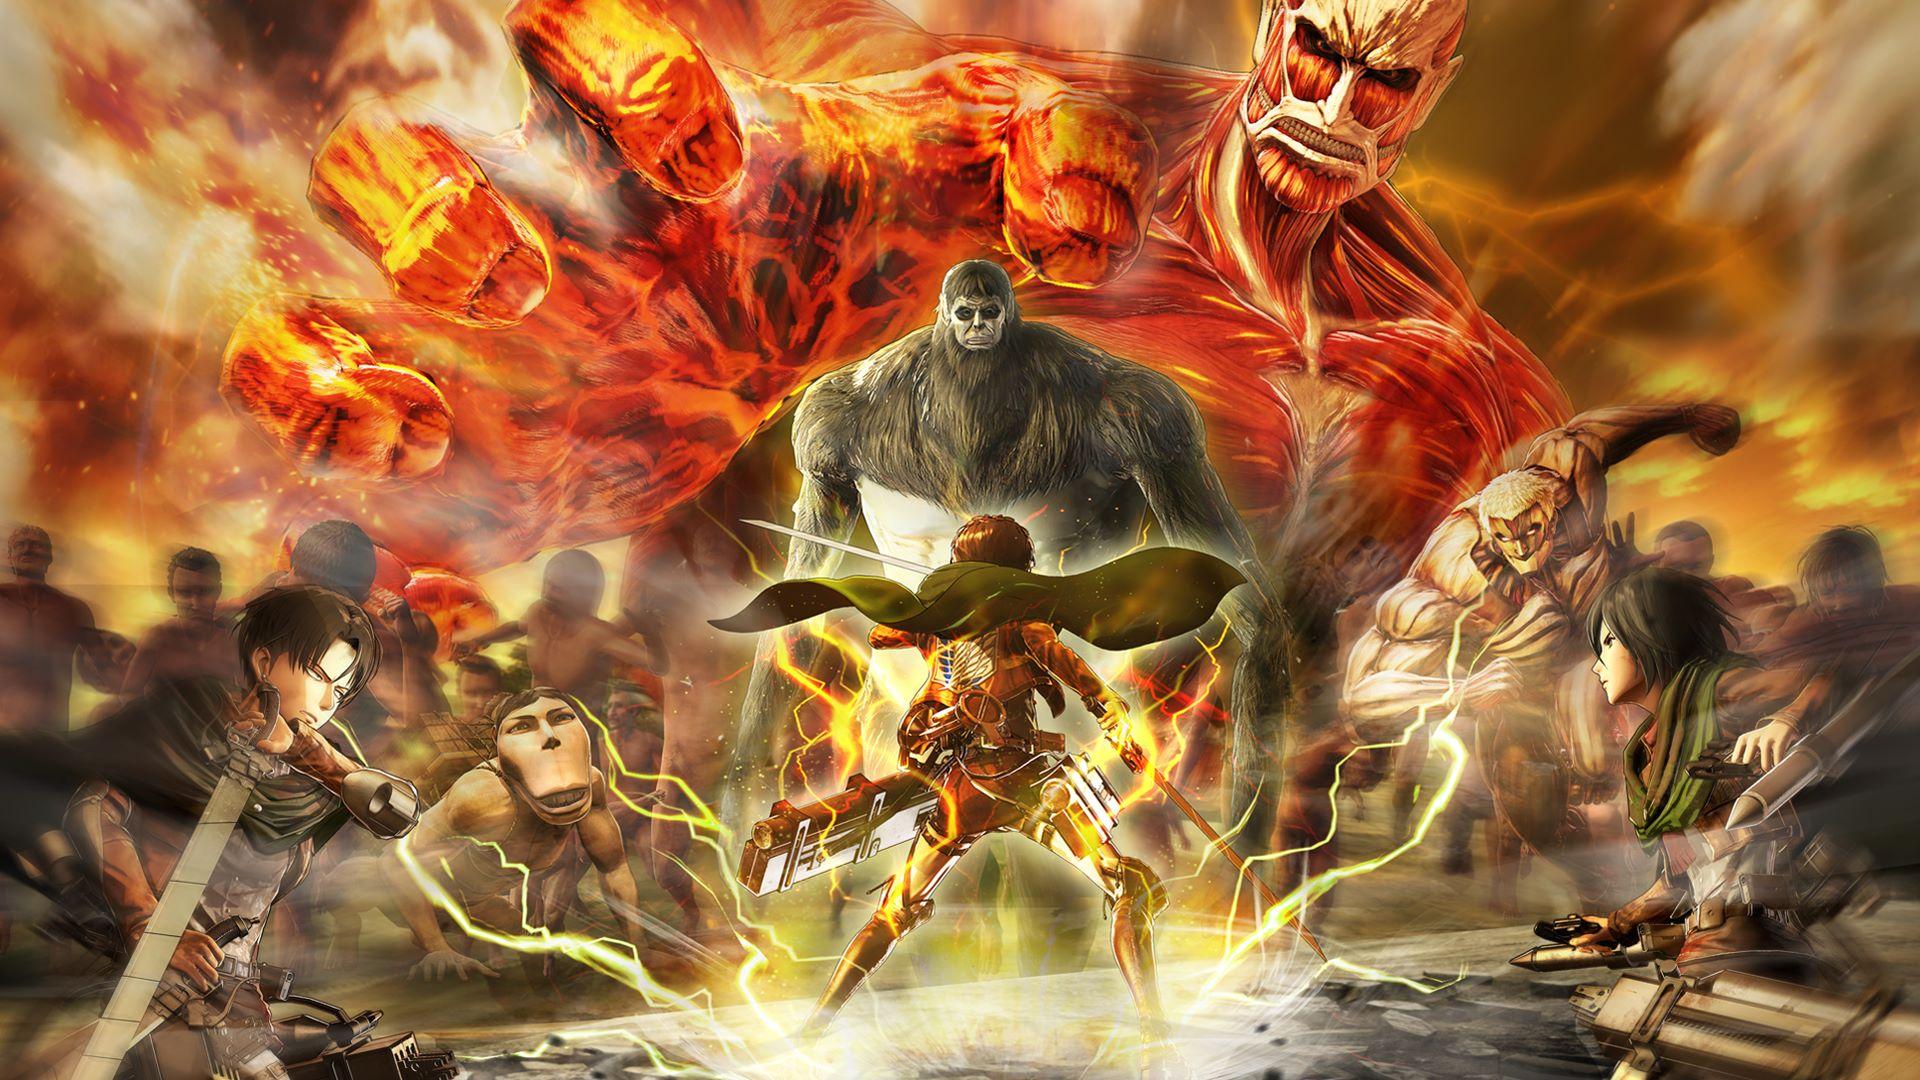 titan 2 final battle in 9 new games in july